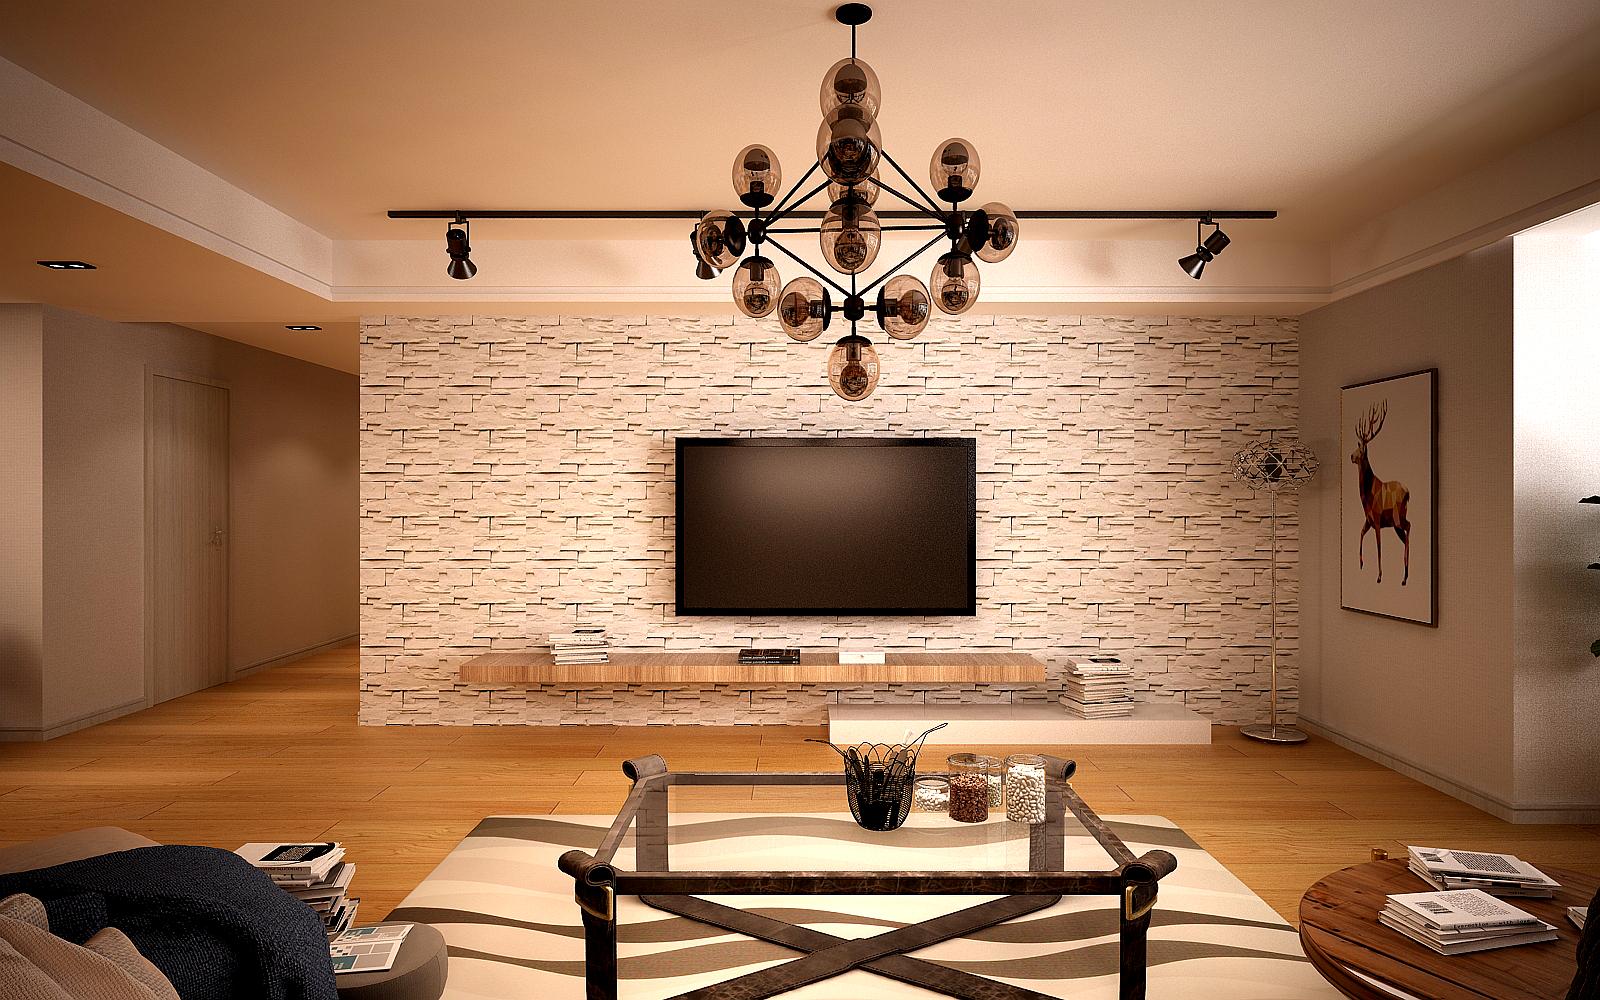 110㎡混搭风格电视背景墙装修效果图